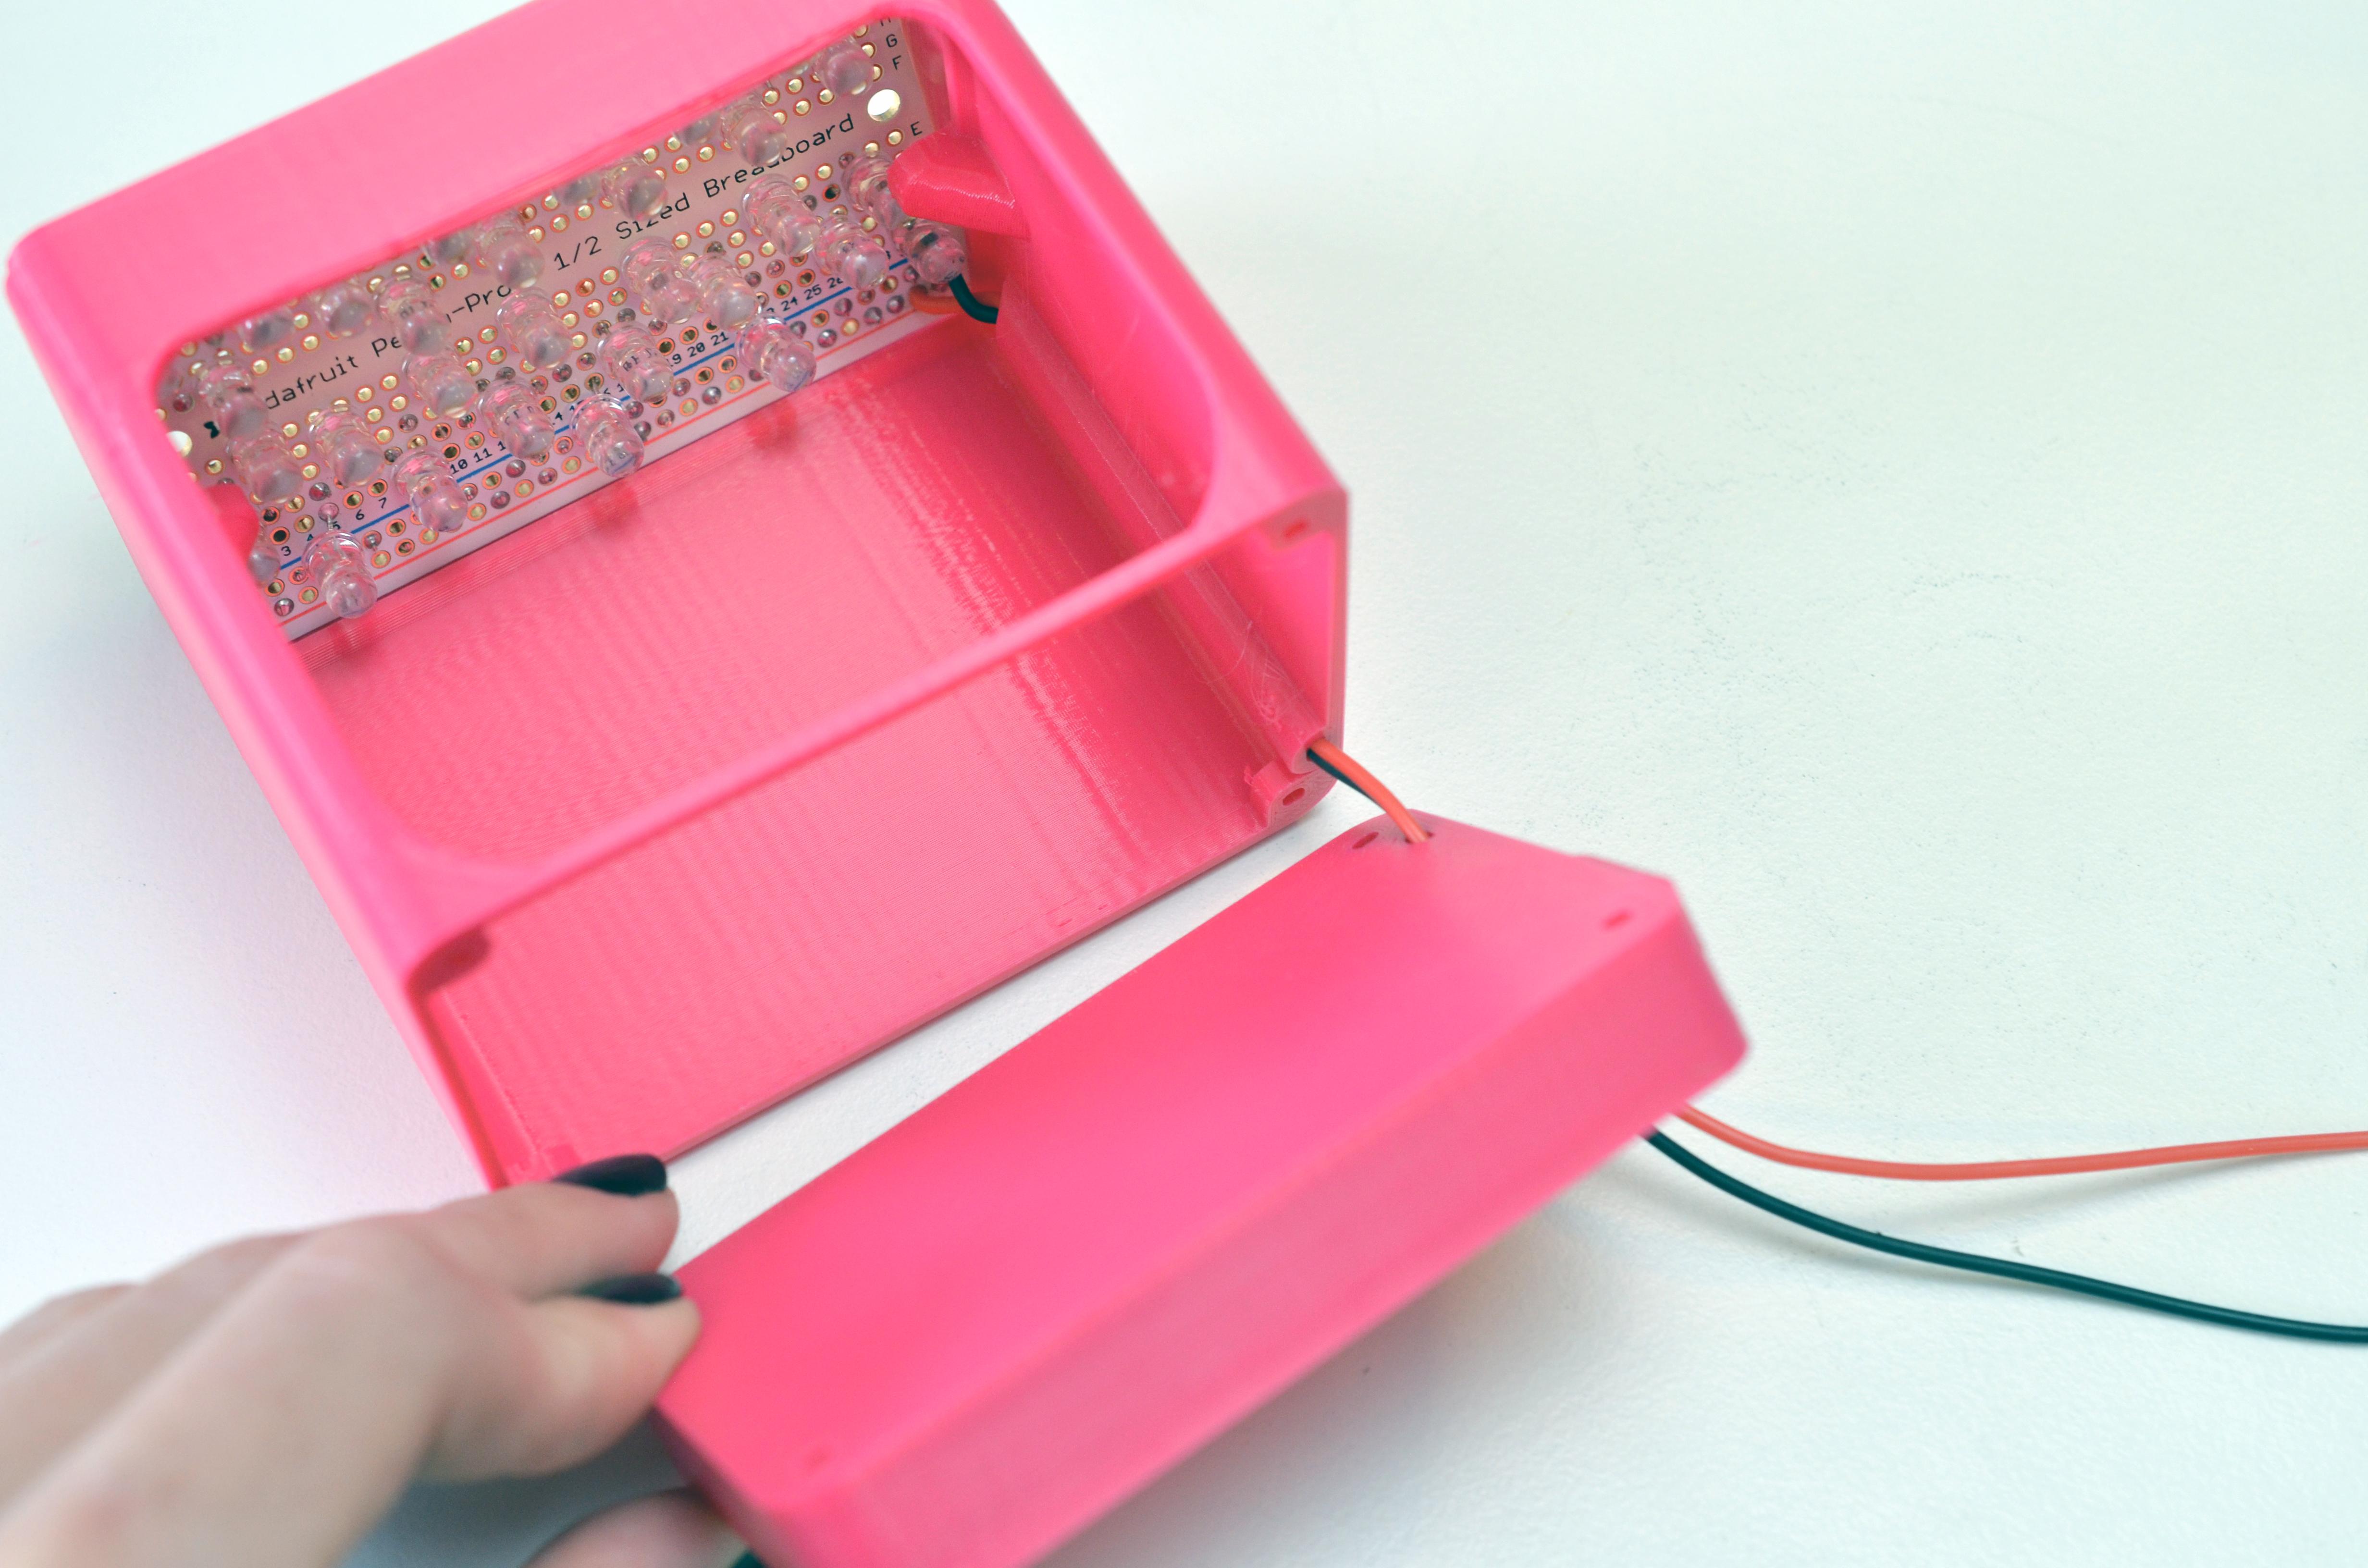 leds_uv-manicure-lamp-through-base.jpg